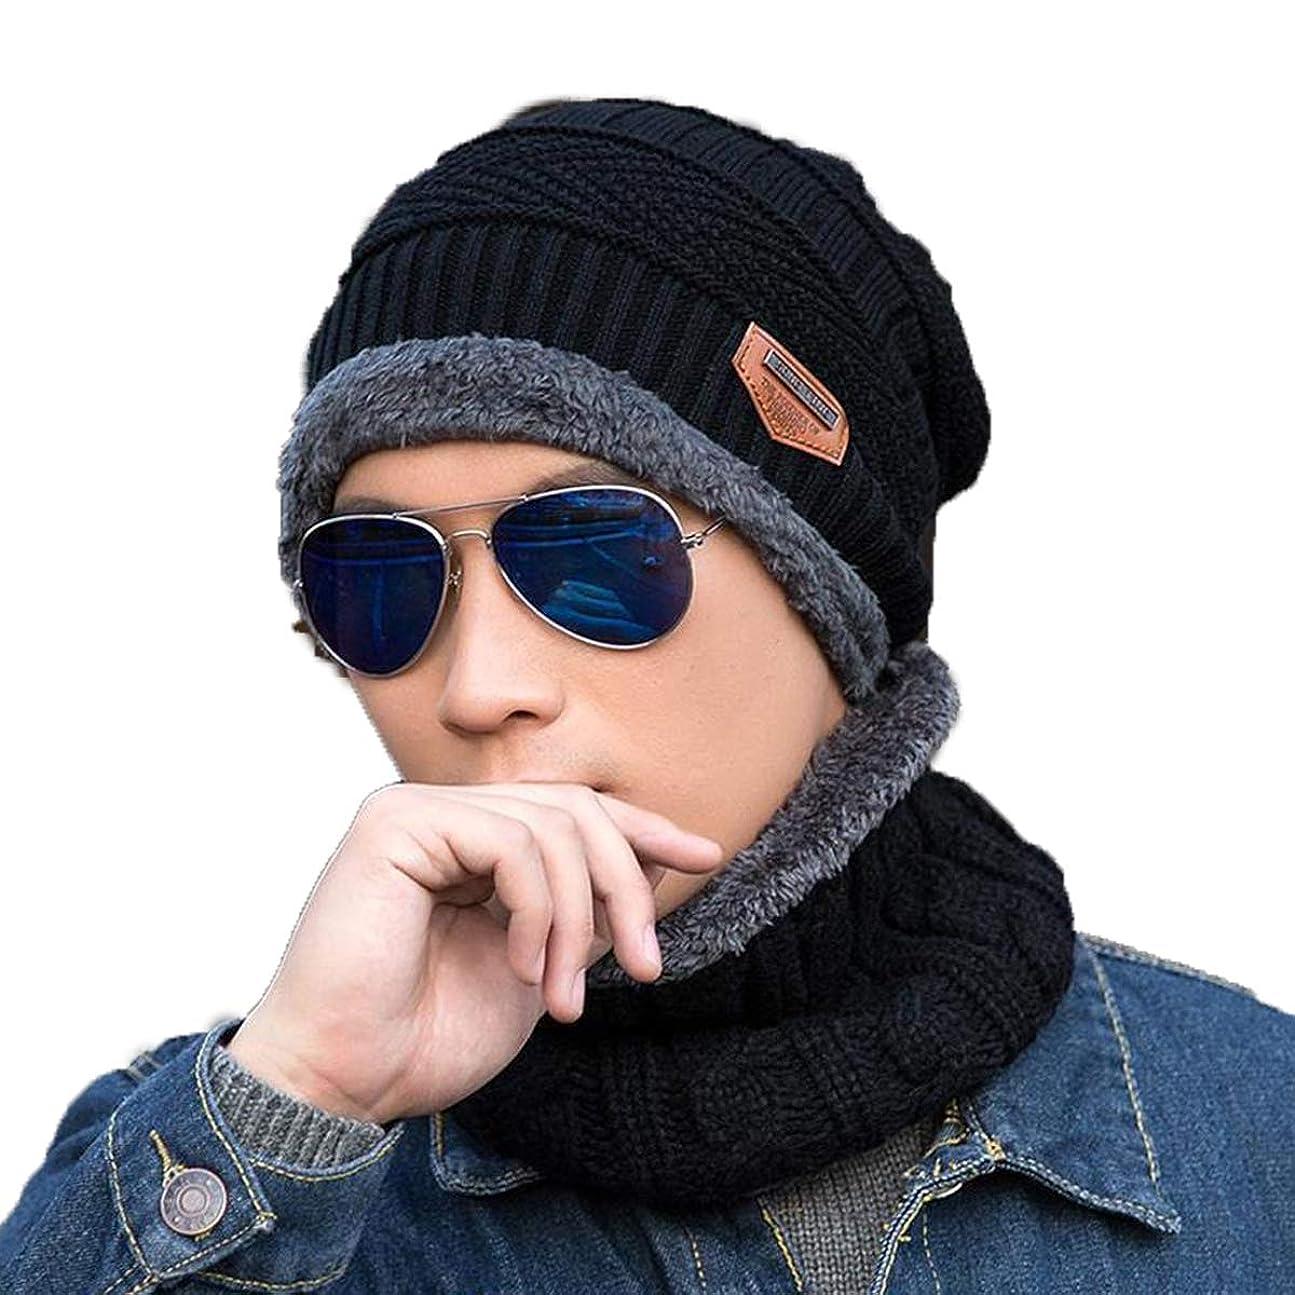 かもしれないタヒチ版One promiseニット帽 秋 冬 ビーニー ニットキャップ メンズ レディース 暖かい 帽子 無地 ストレッチ性抜群 柔らかい 綿 自転車 バイク 男女兼用